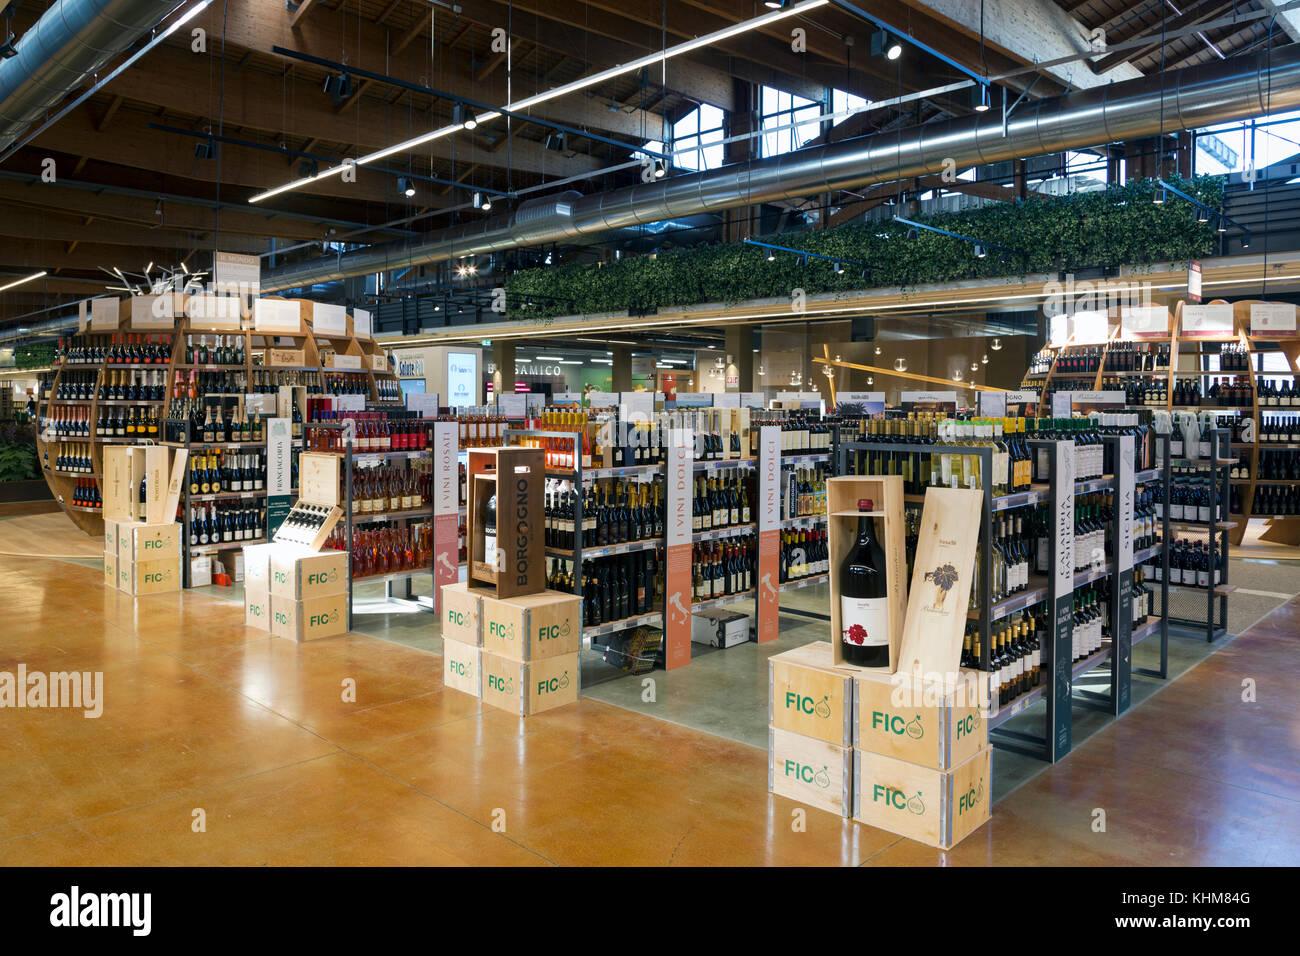 Fico Eataly World Bologna Stock Photos & Fico Eataly World Bologna ...